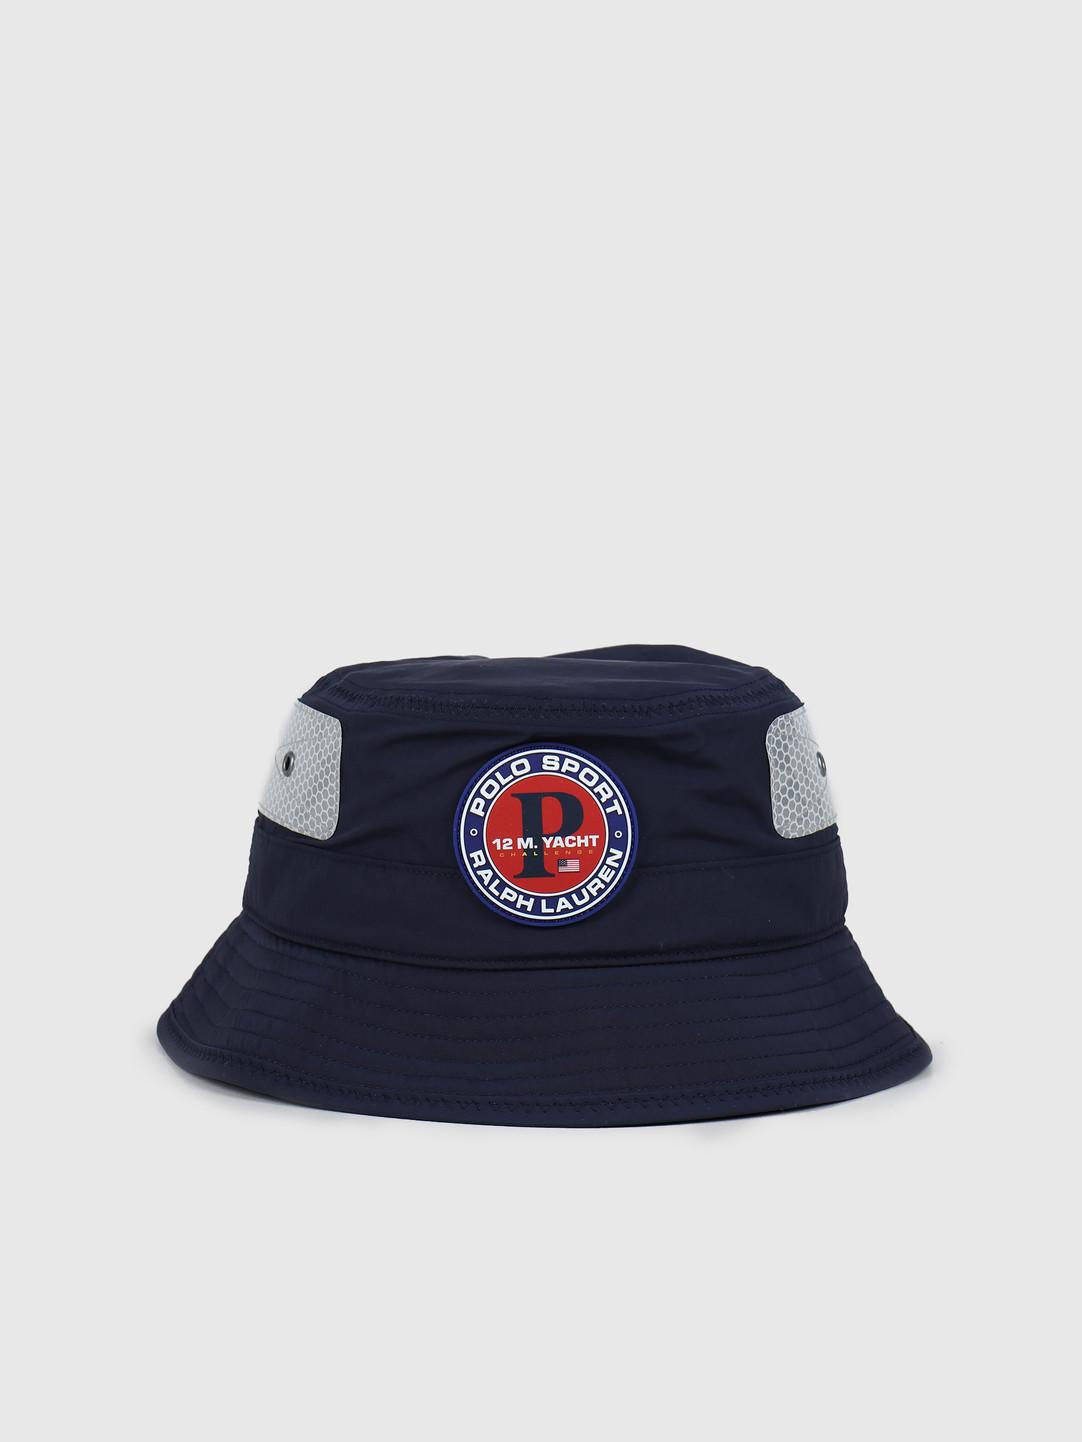 Polo Ralph Lauren Polo Ralph Lauren Modern Loft Bucket Hat Newport Navy 710790283001